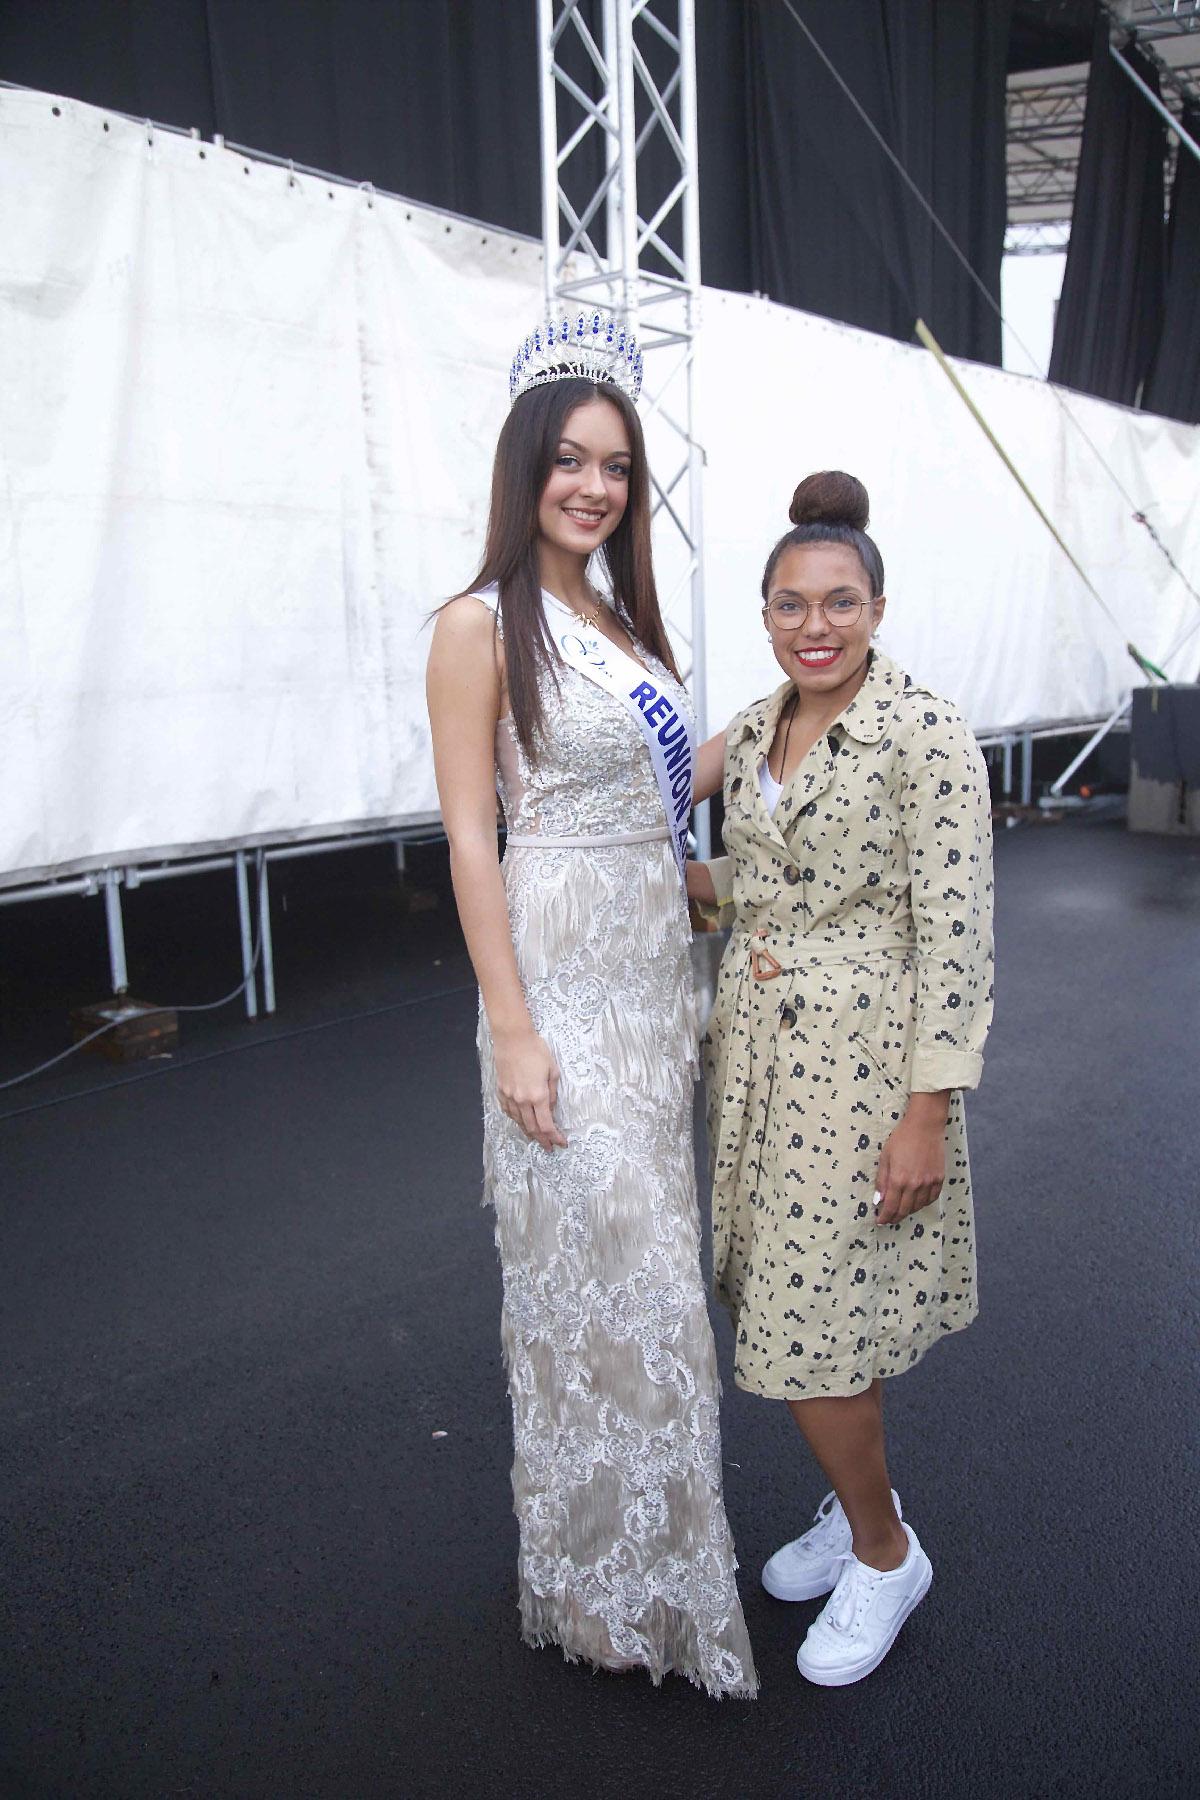 Morgane Lebon à Miss Plaine des Cafres 2020: photos